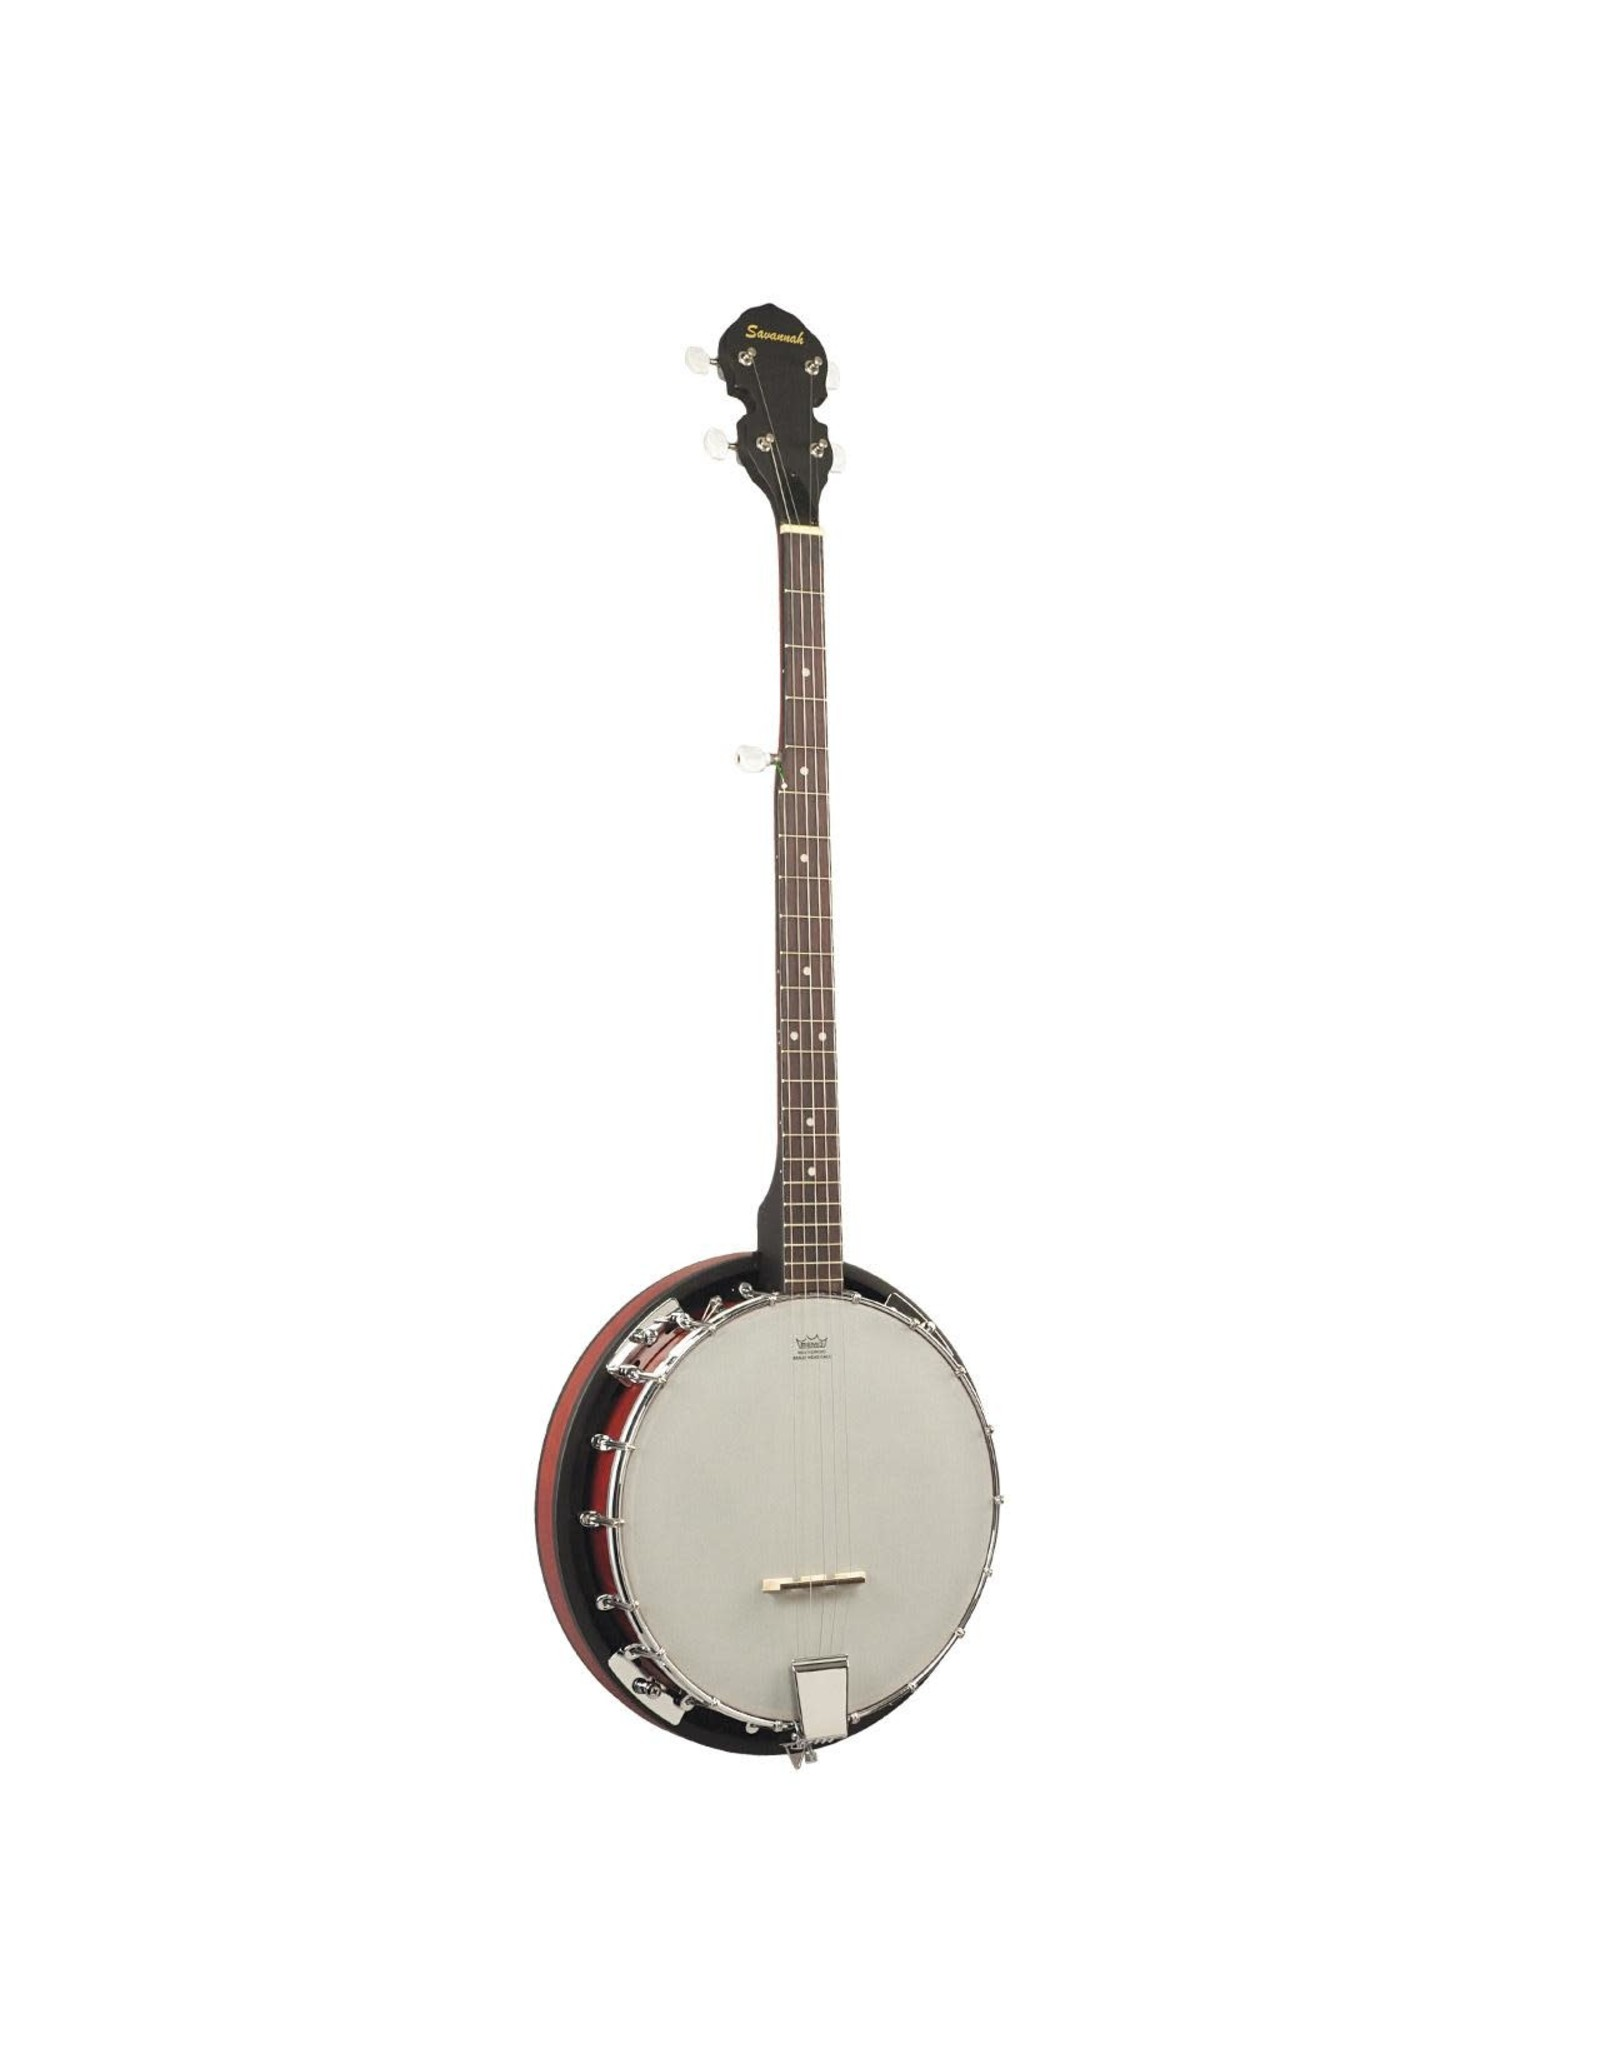 Savannah Savannah 18 Bracket Banjo